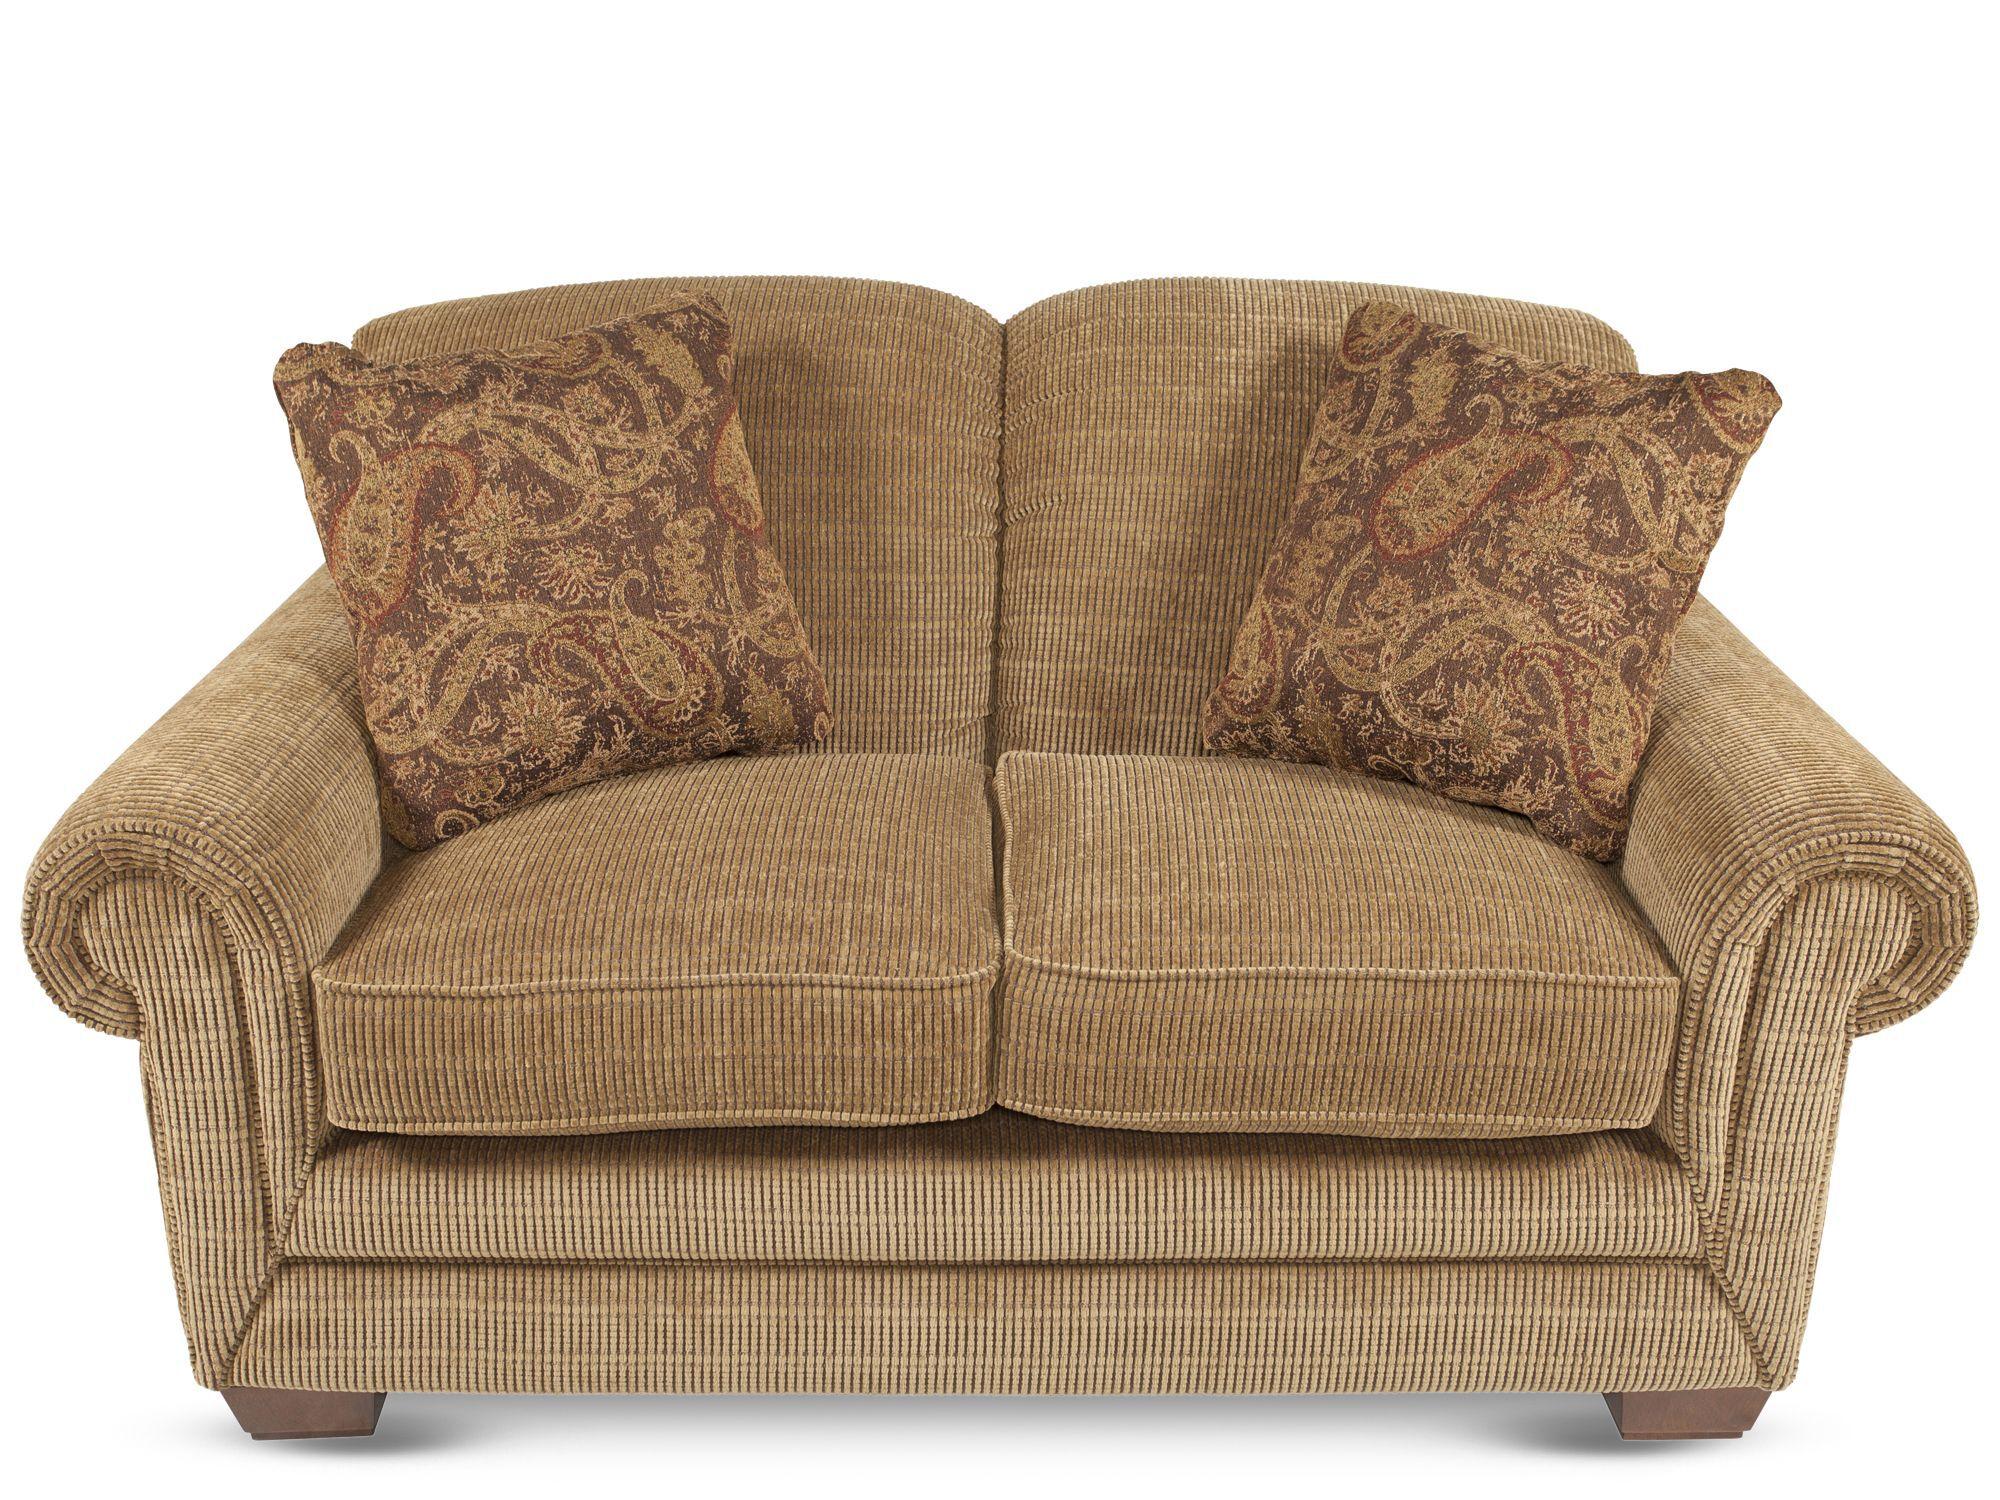 mackenzie sofa lazy boy leather motion premier loveseat thesofa